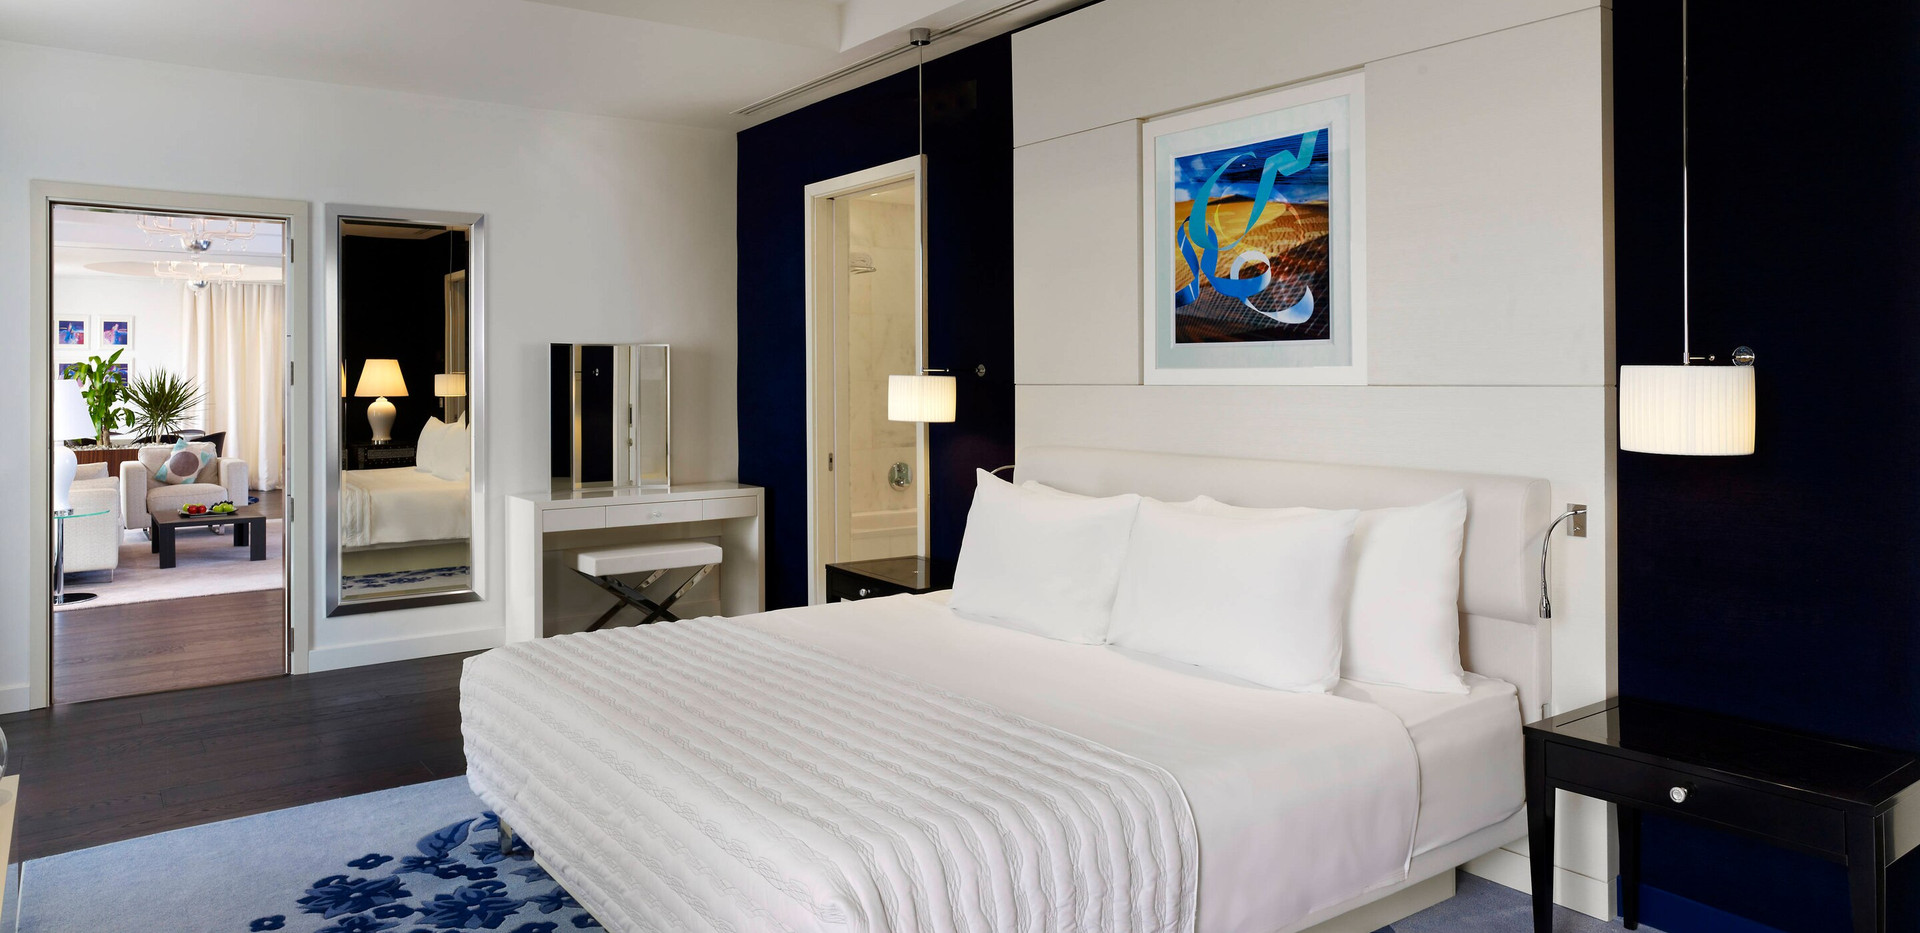 dhamd-suite-9820-hor-wide.jpg